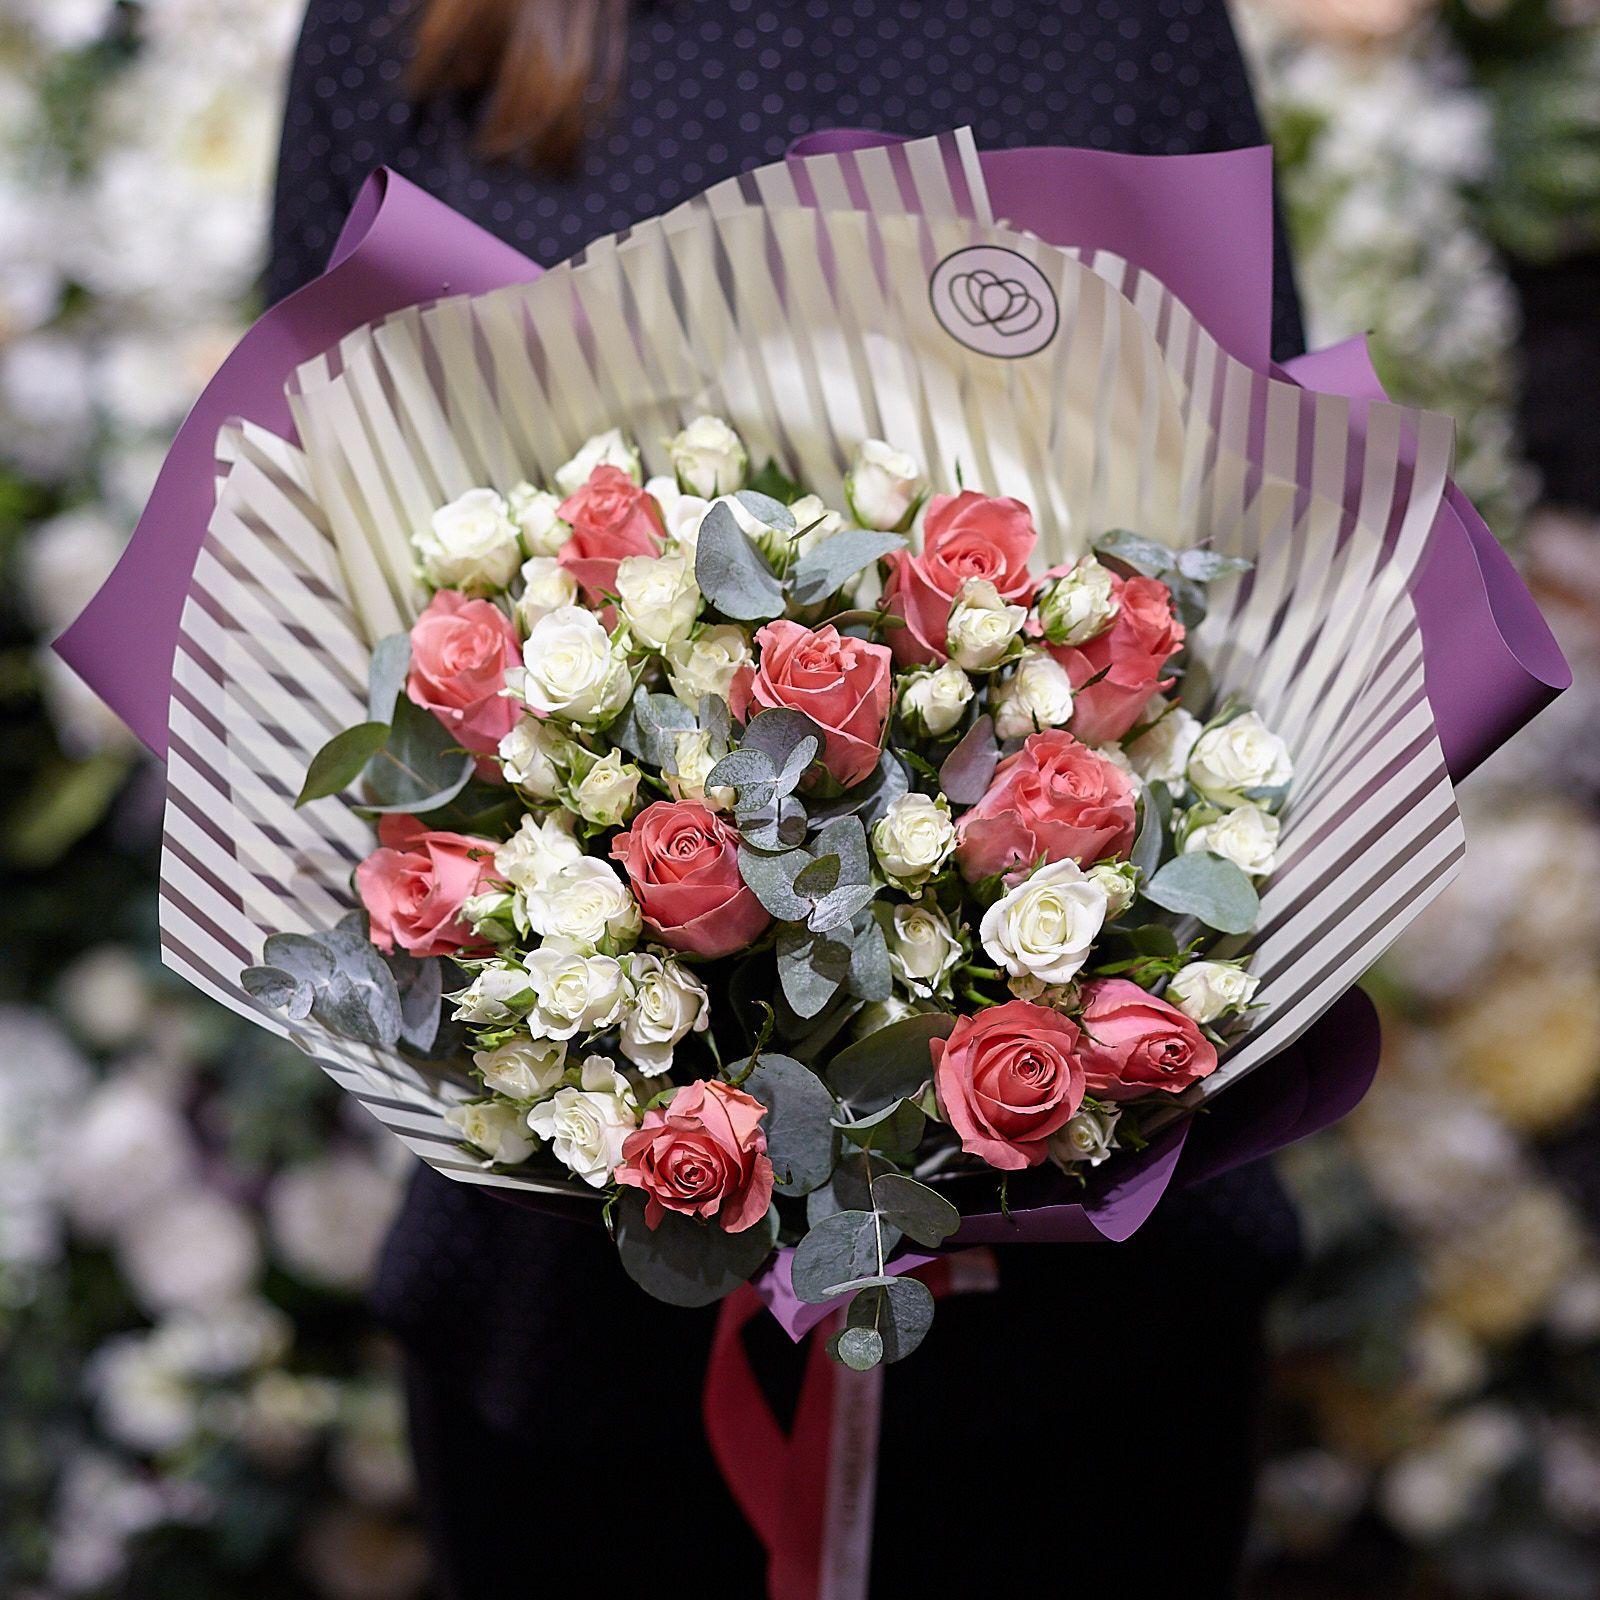 14 кустовых роз и 11 розовых кенийских роз Premium с эвкалиптом фото